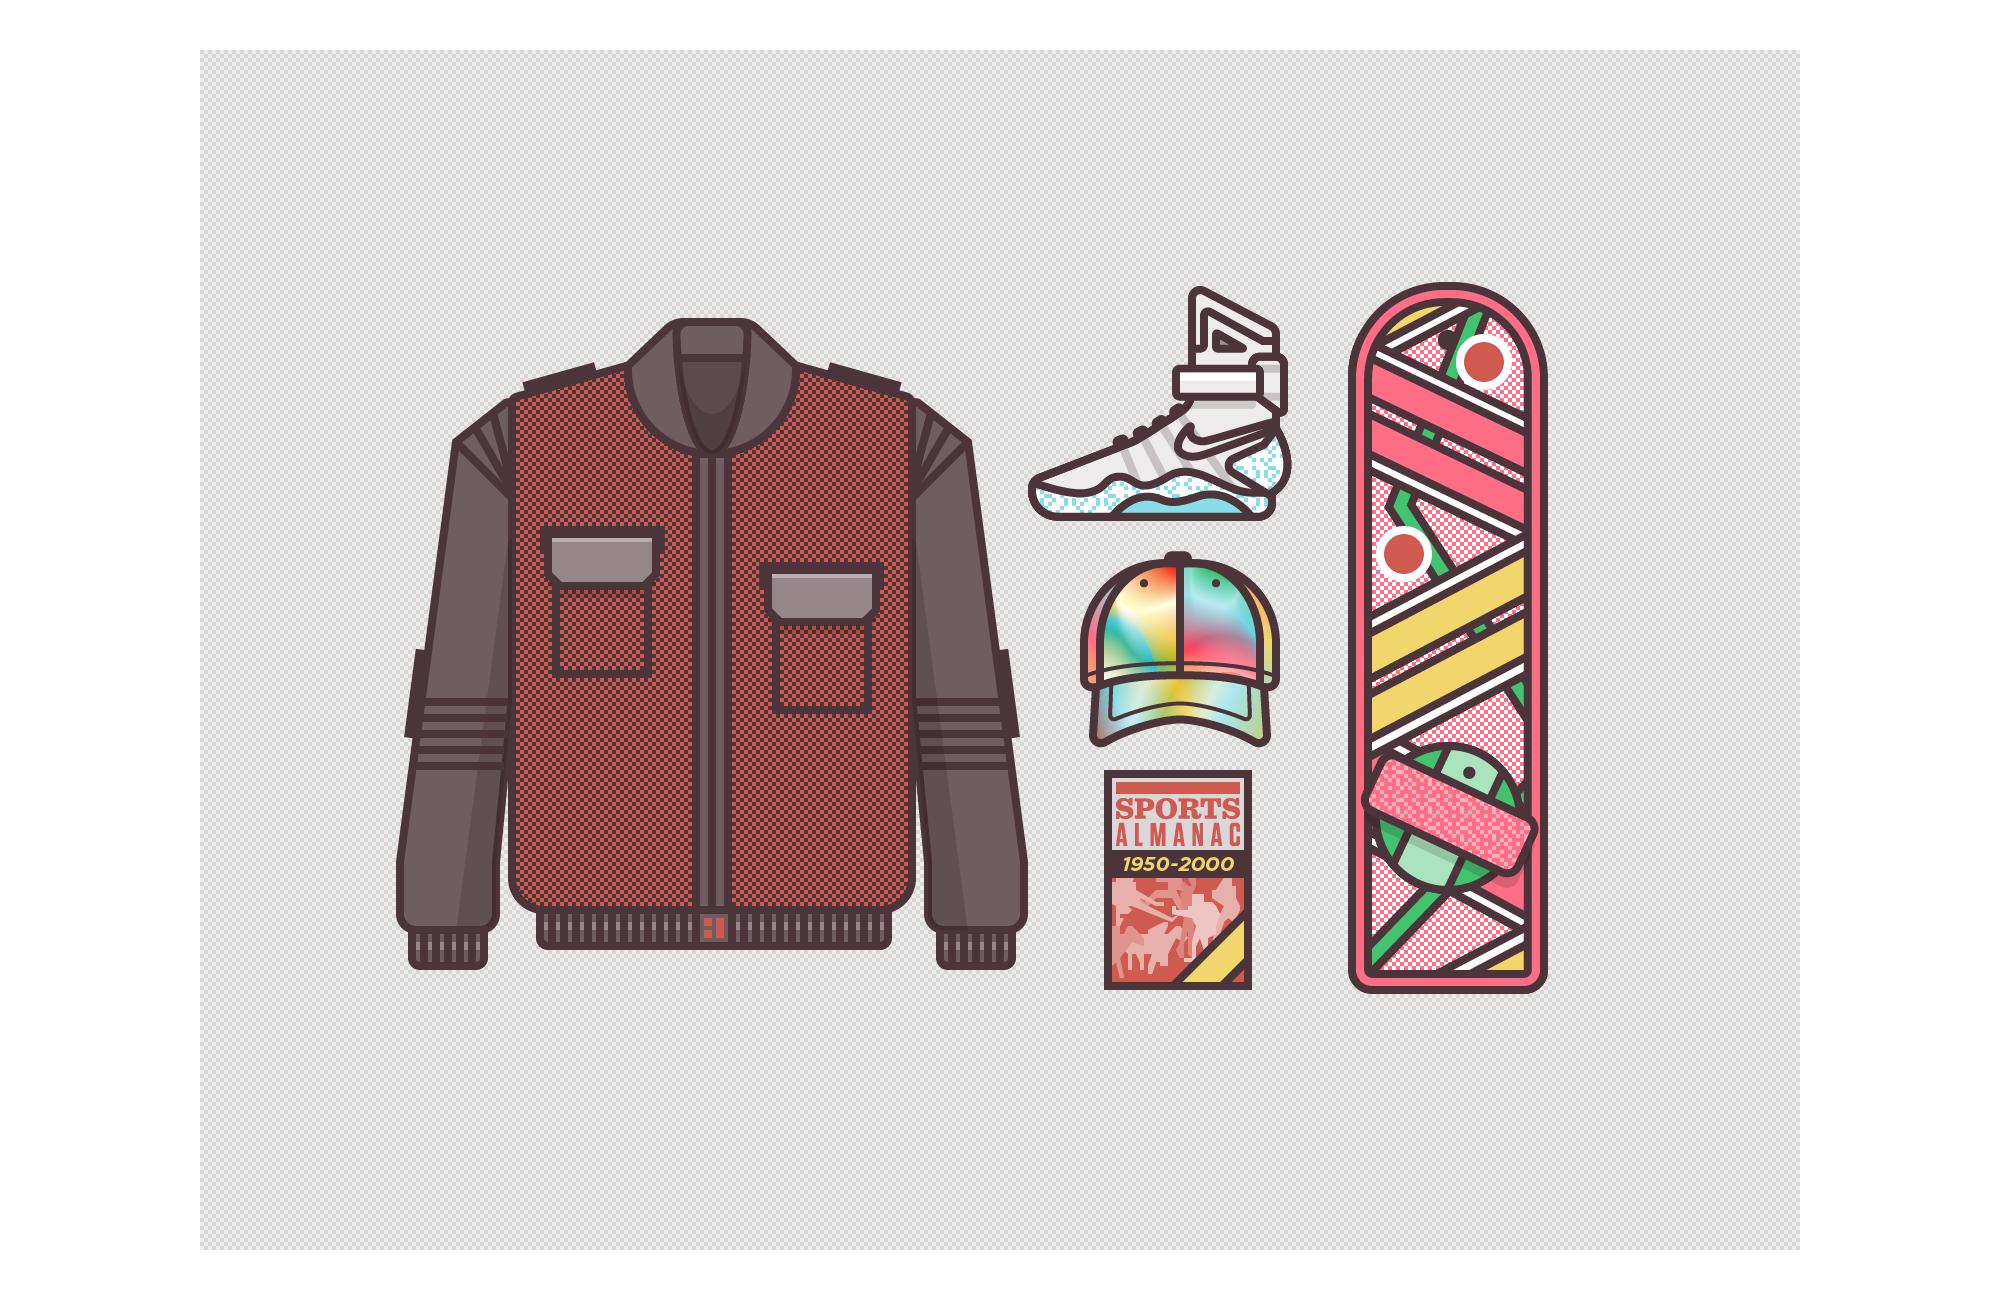 accesorios illustracion 1